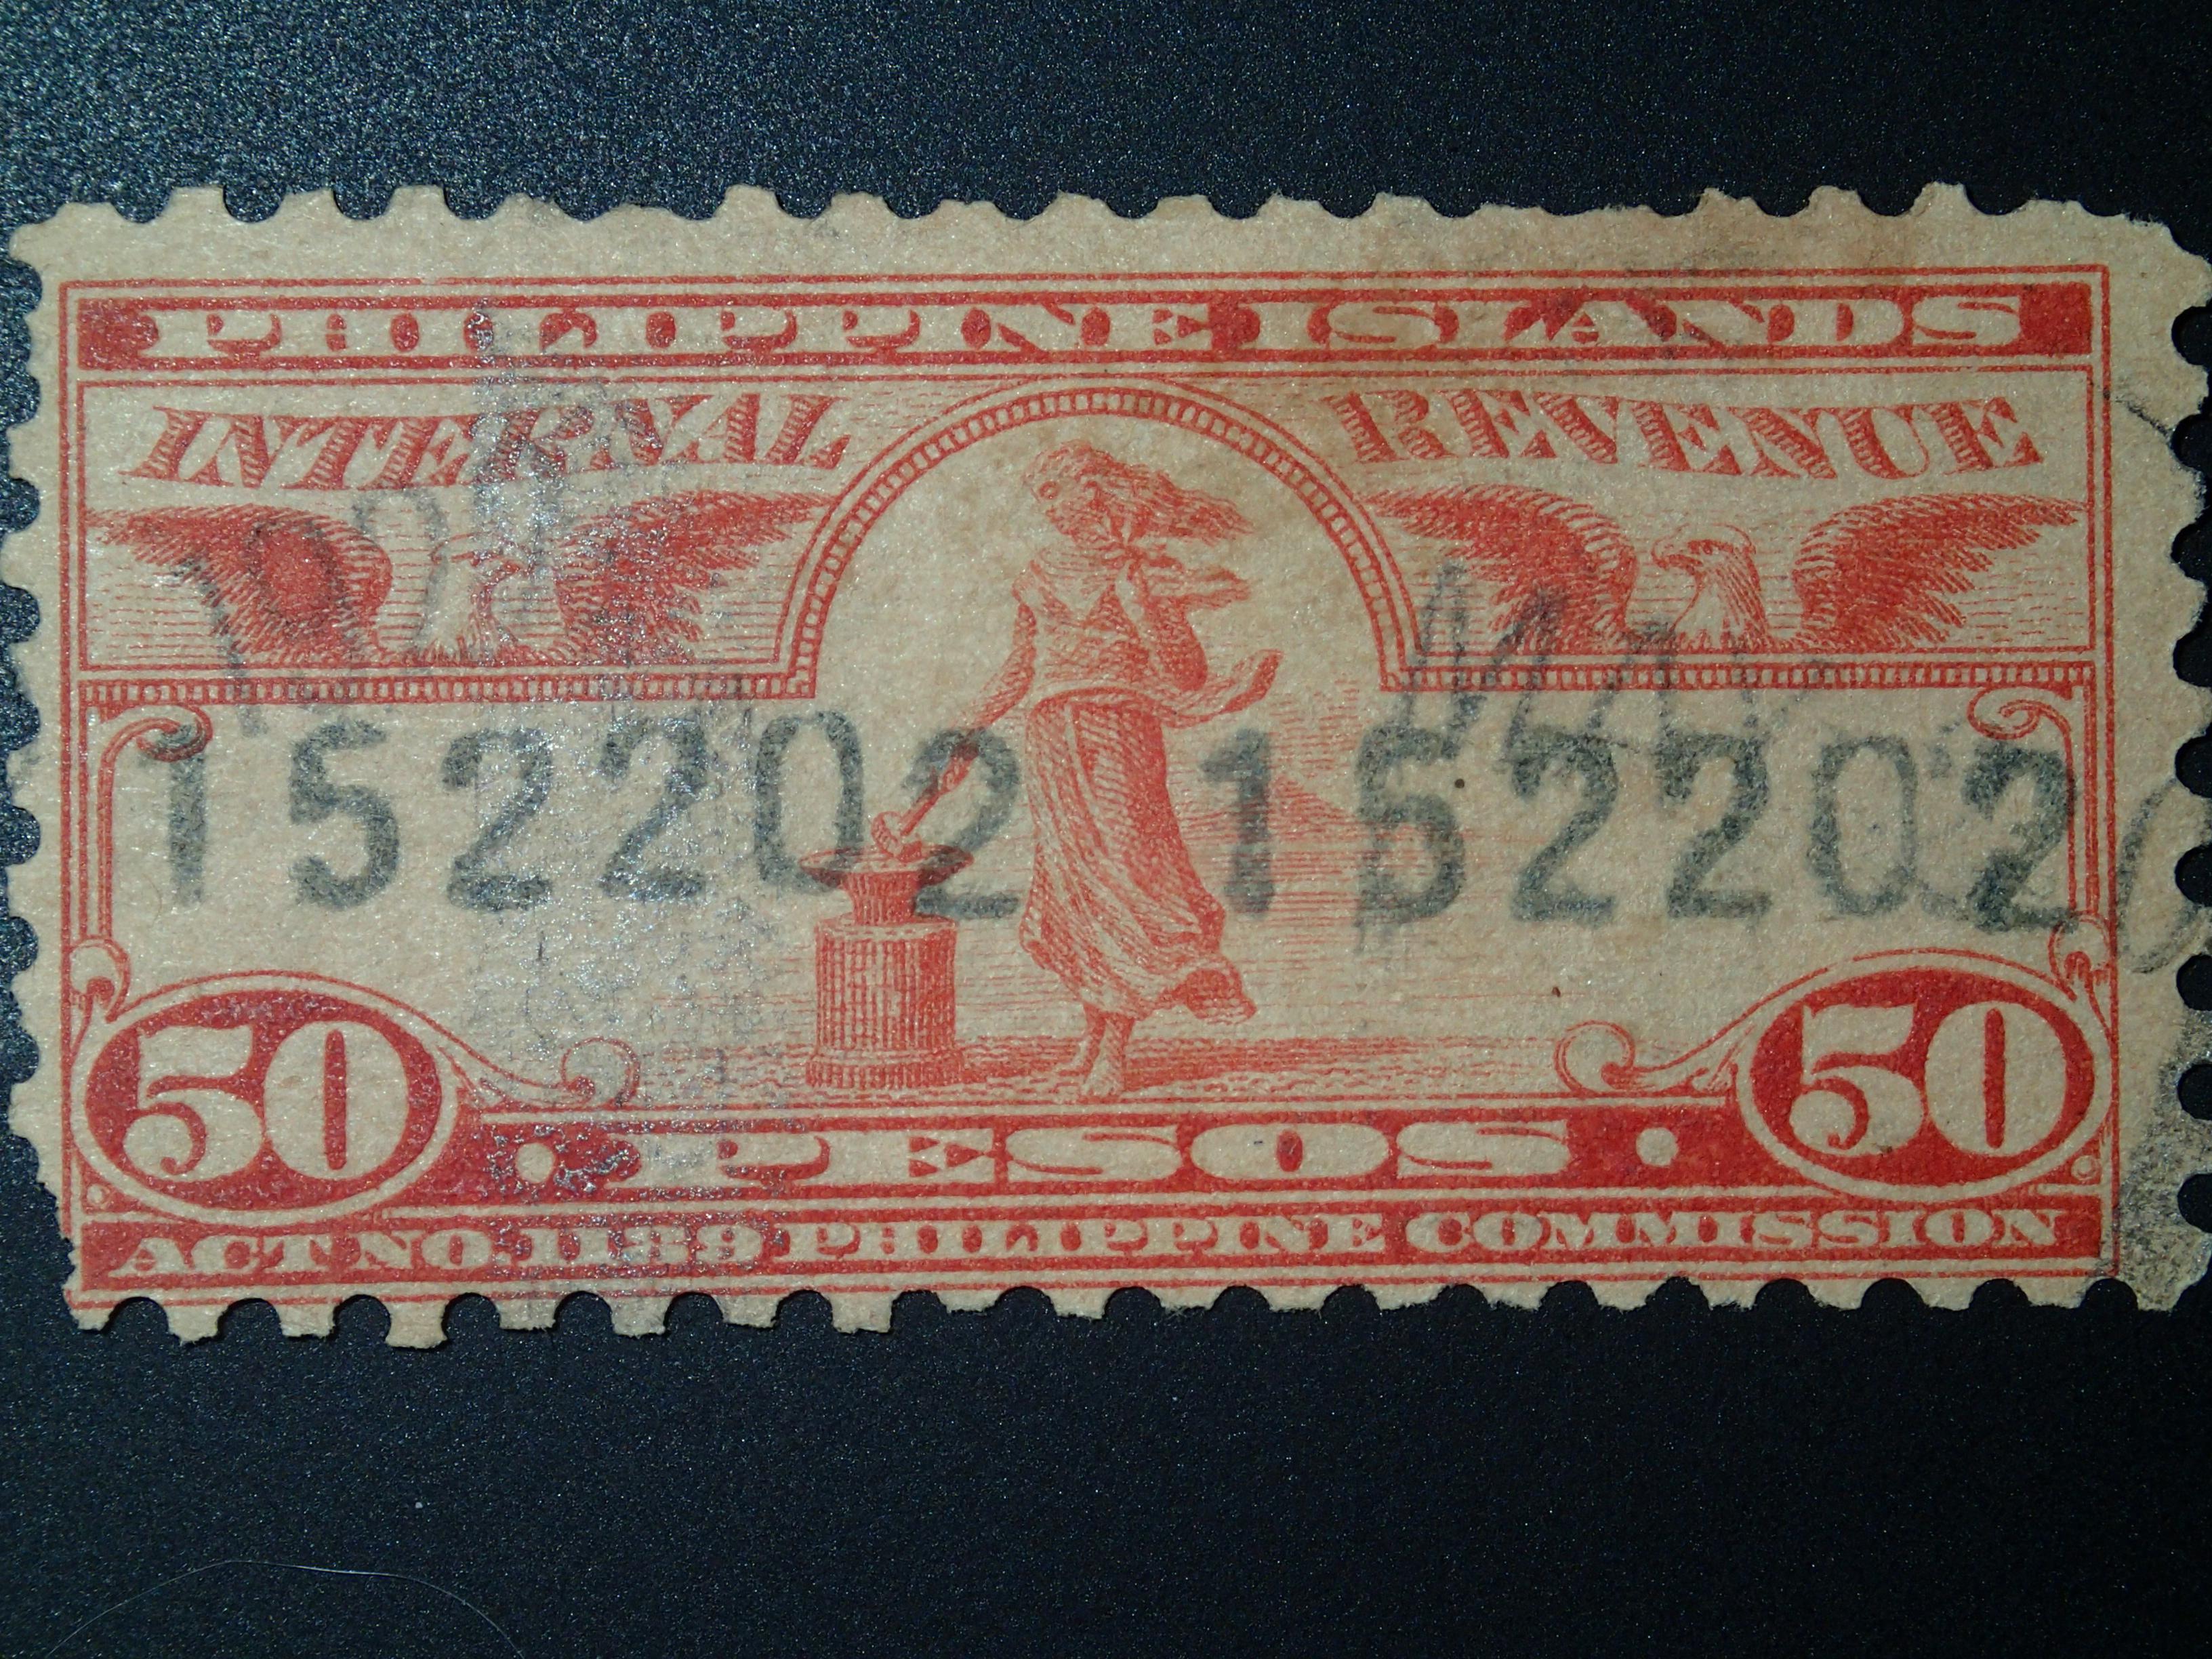 FileInternal Revenue Stamps Philippine Islands 1905 1928 02JPG